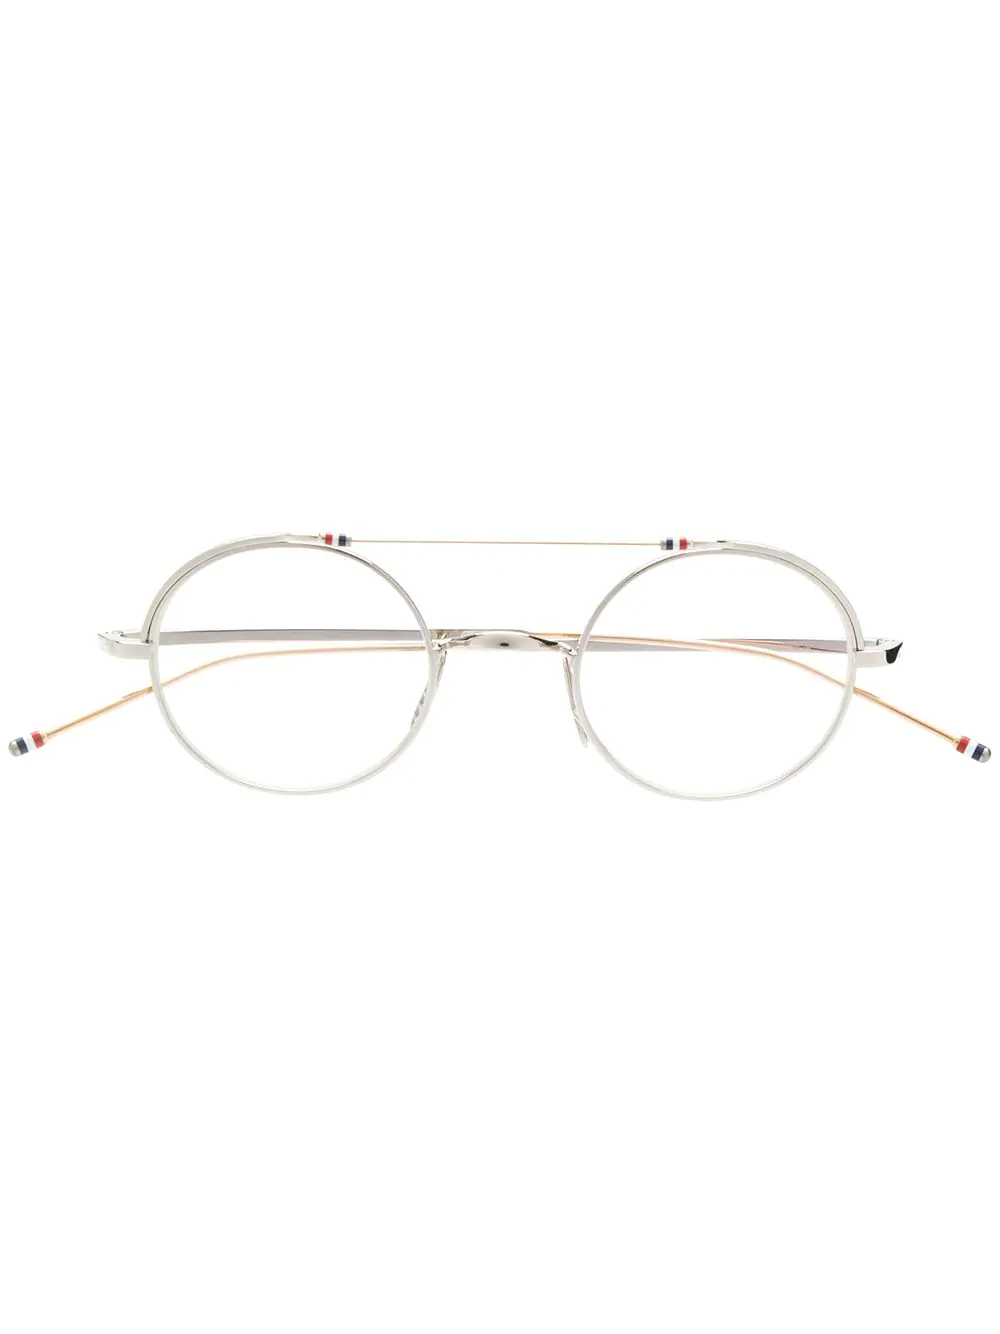 c847589b8f61 Thom Browne Eyewear Round Frame Glasses - Silver. Farfetch